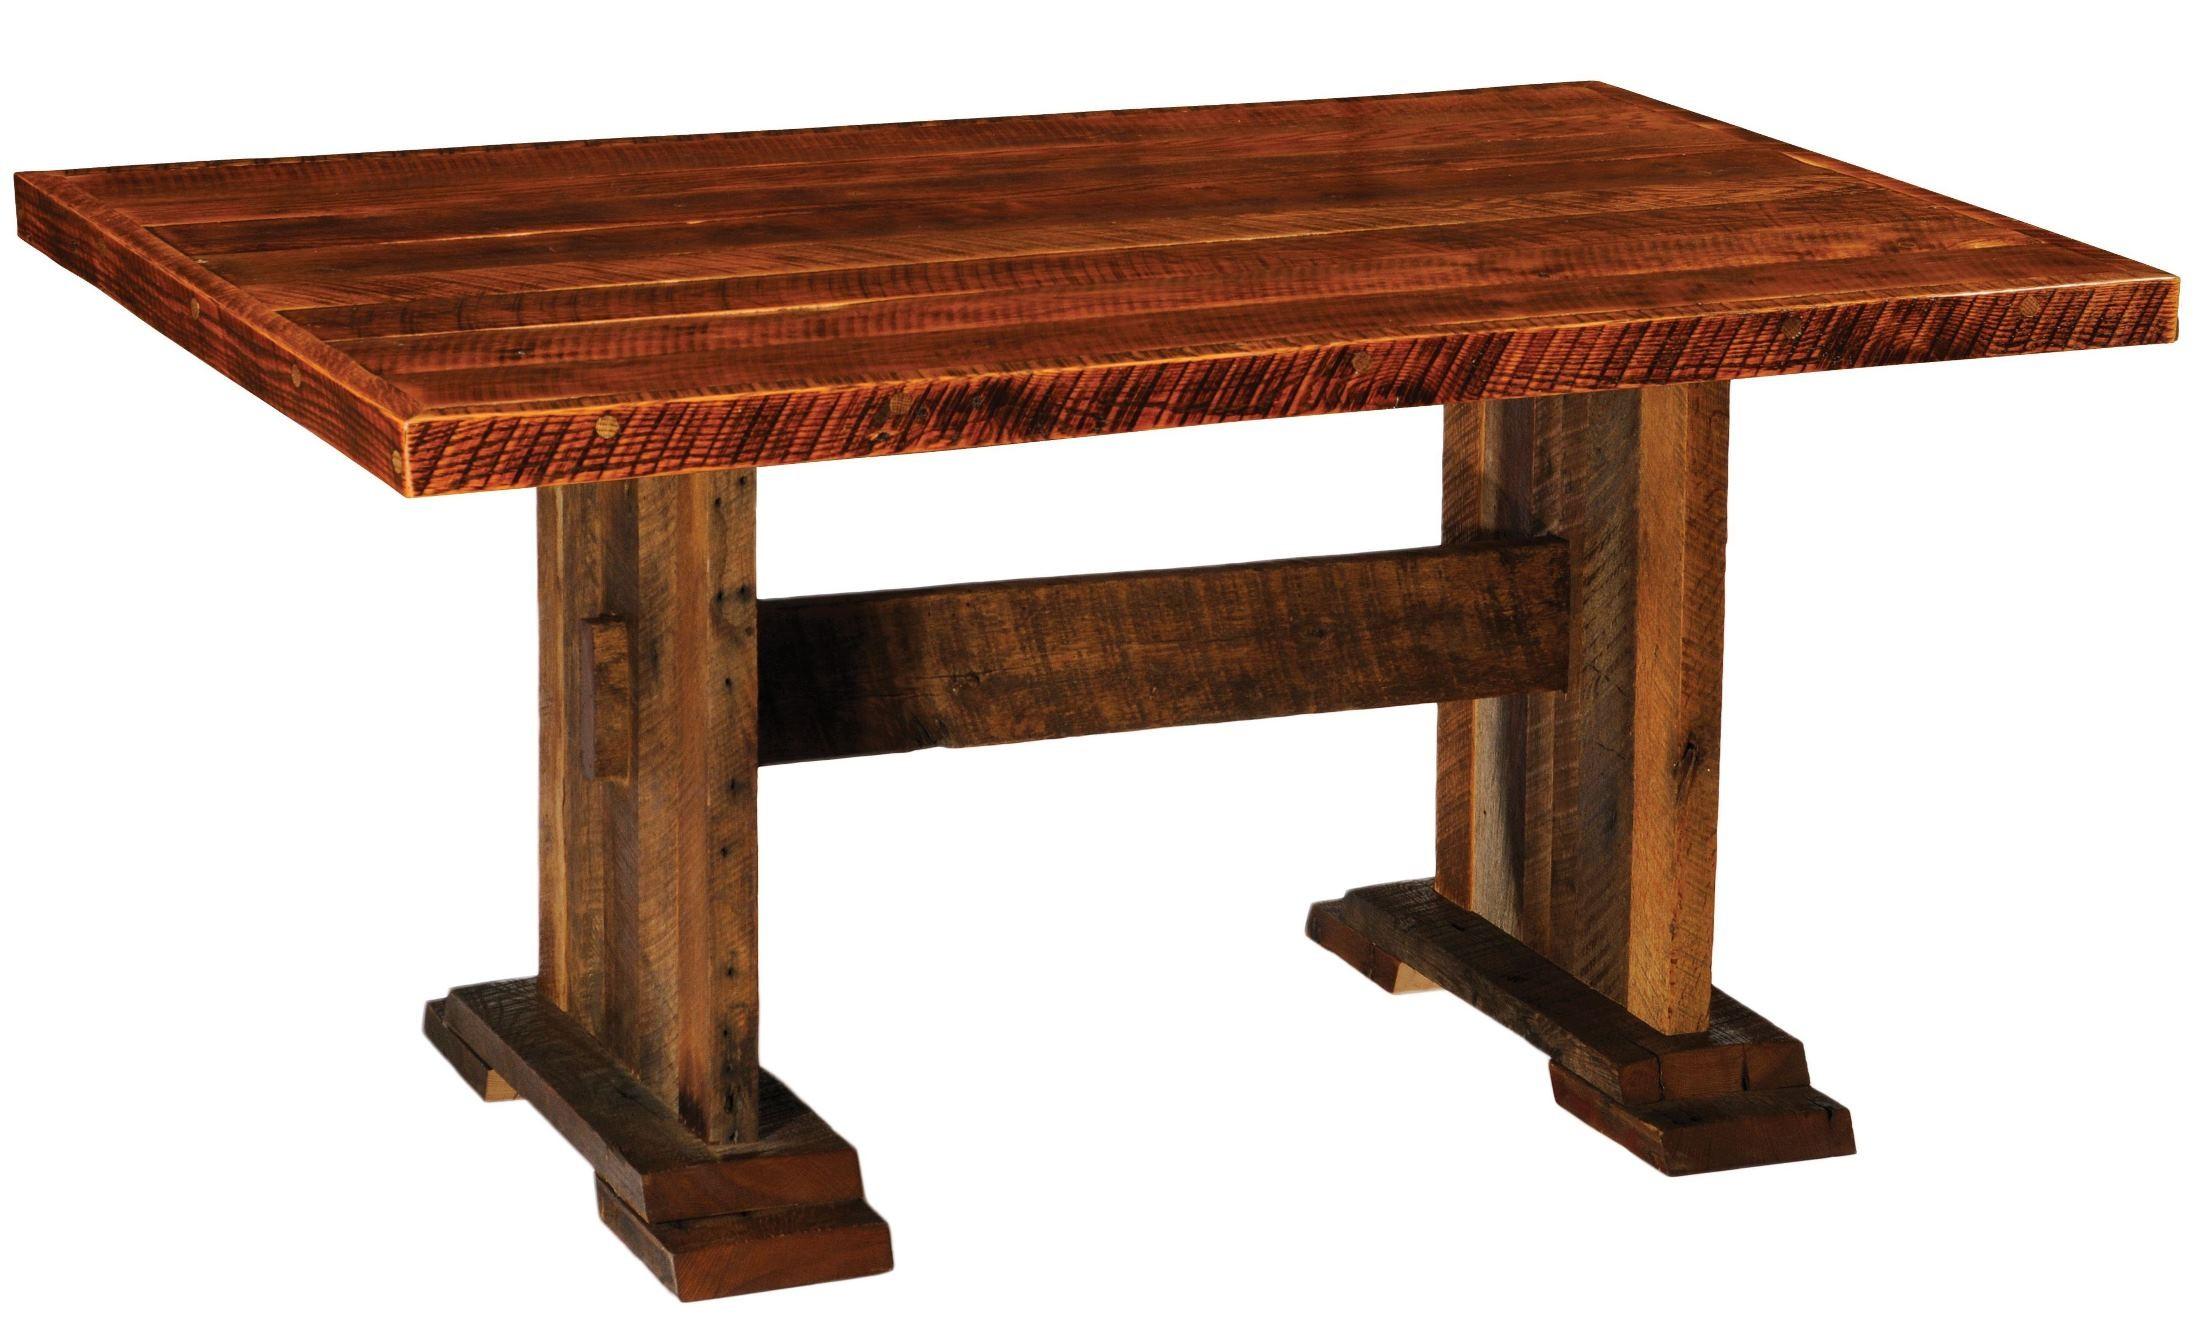 barnwood harvest 60 artison top rectangular dining table from